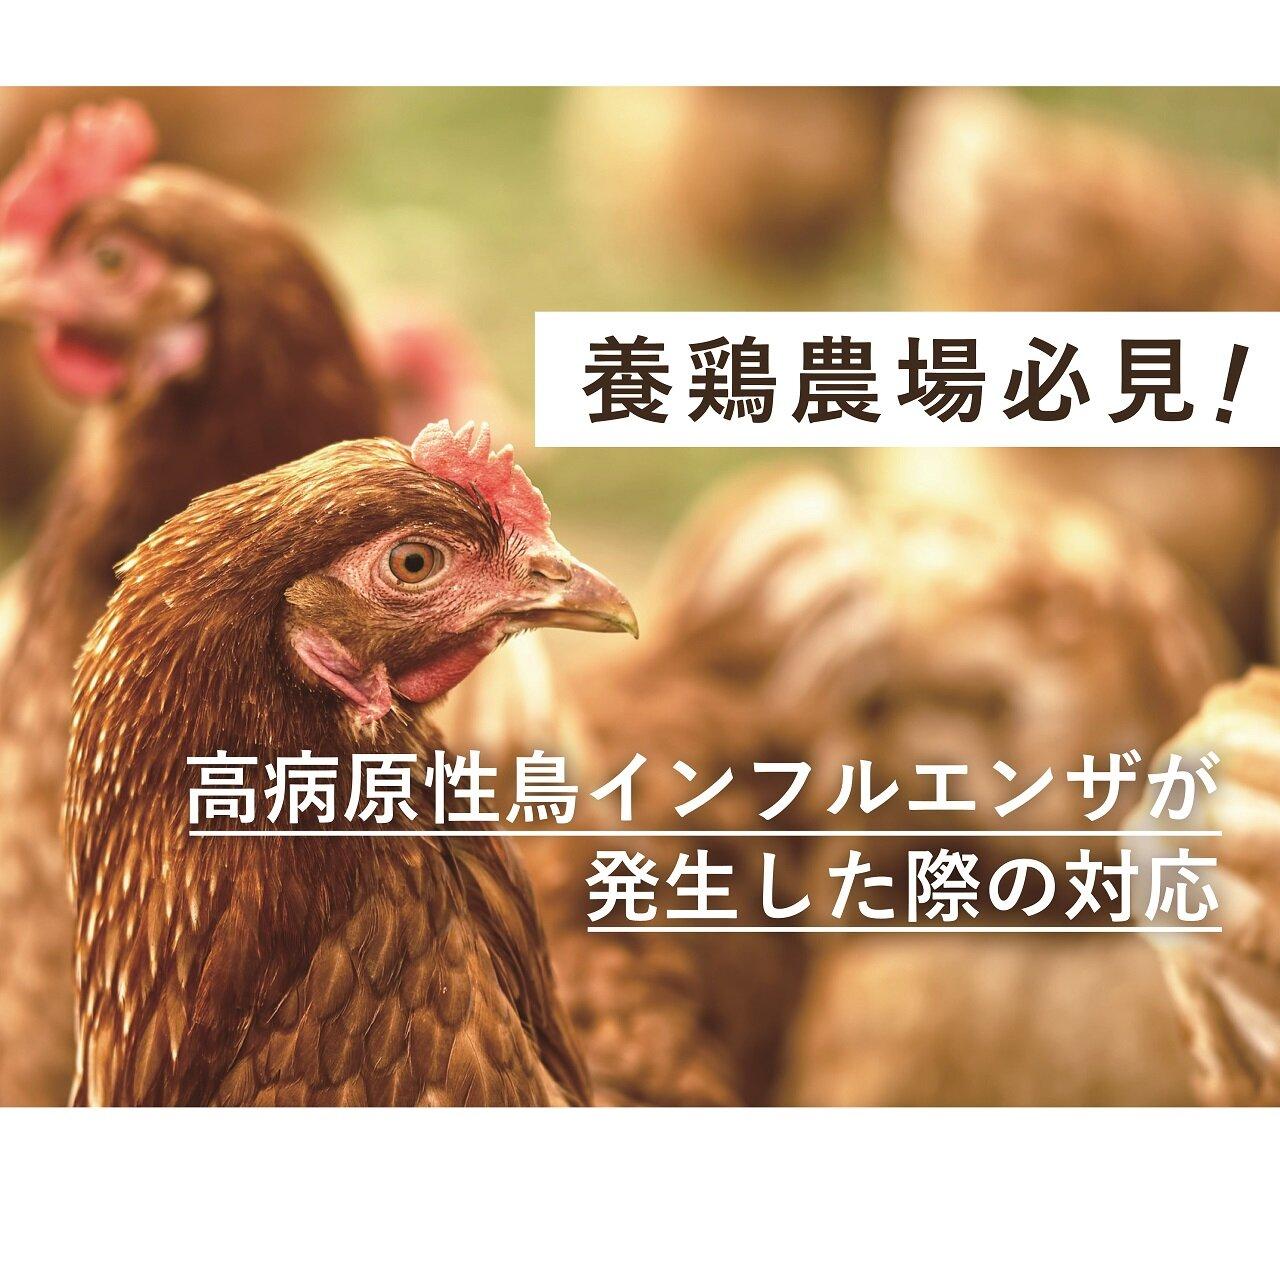 養鶏農場必見! 近隣農場で高病原性鳥インフルエンザが発生した際の対応